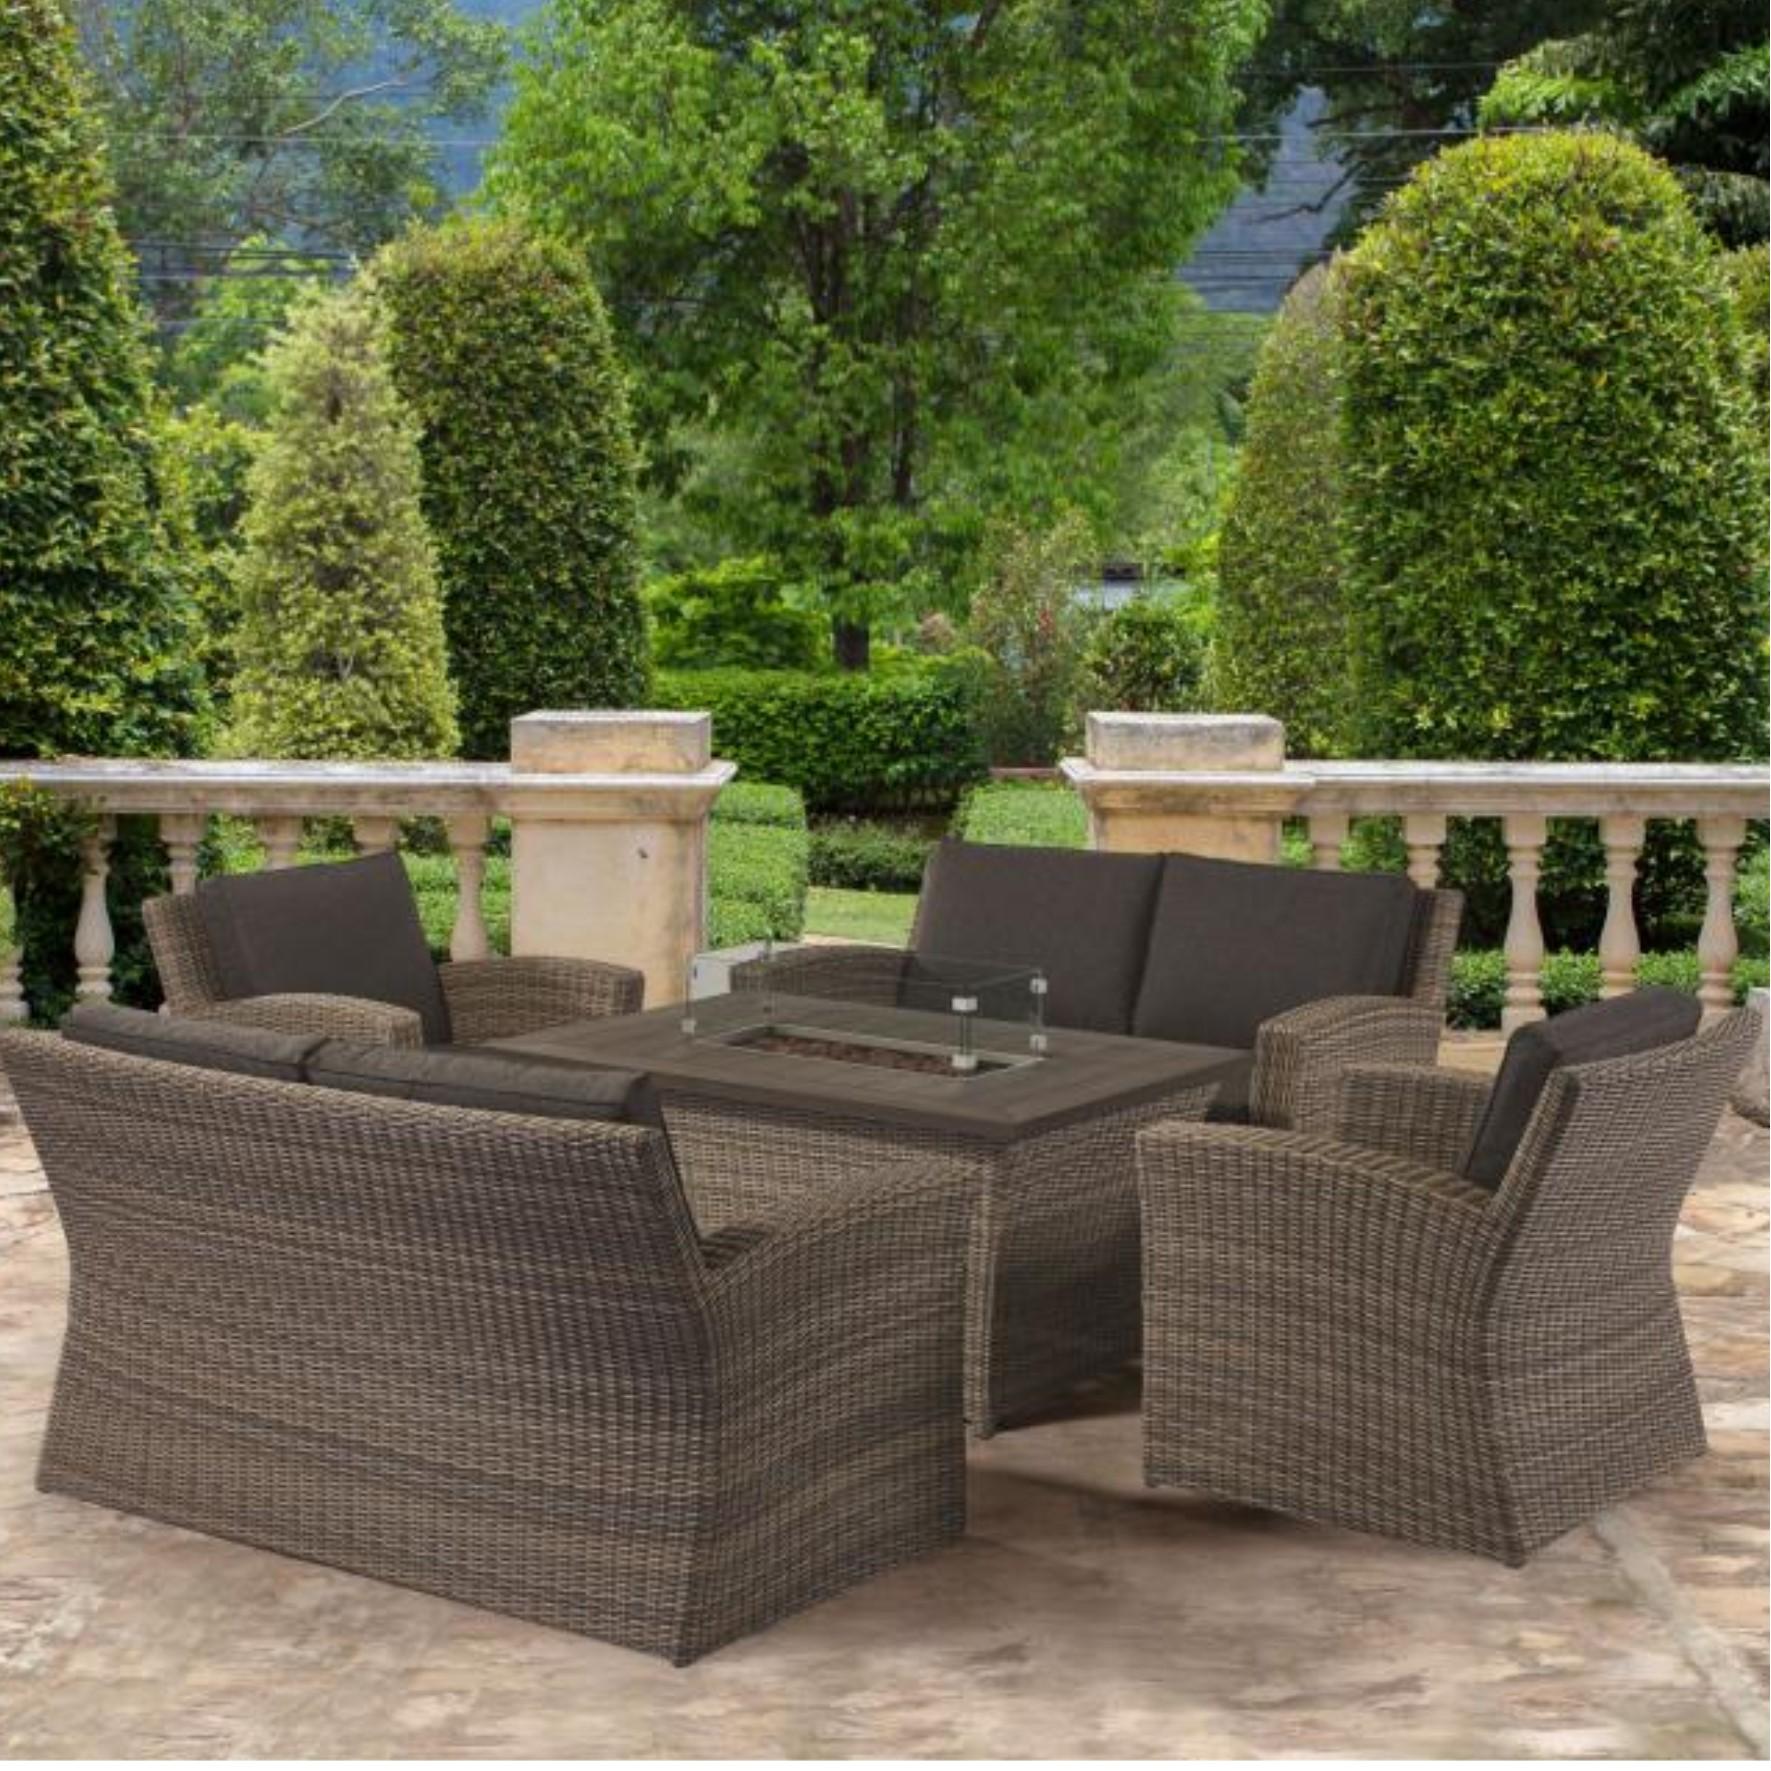 Carina Rectangular Fire Pit Sofa Set